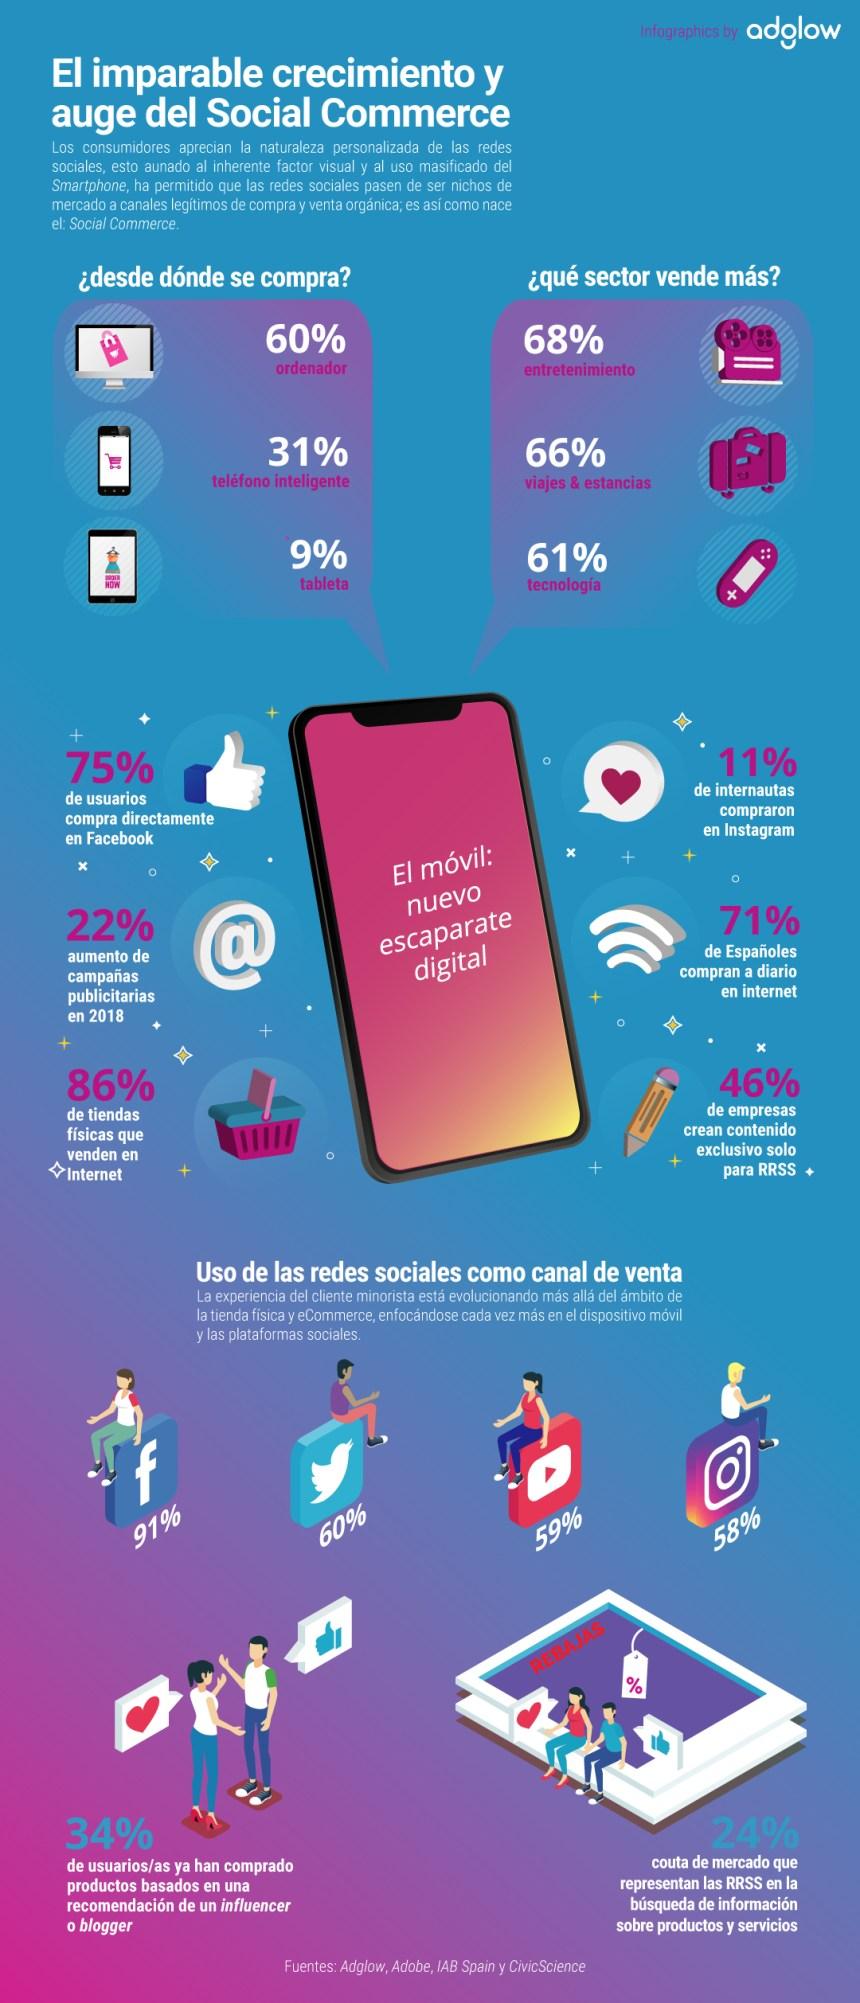 El imparable crecimiento del Social Commerce #infografia #ecommerce #socialmedia